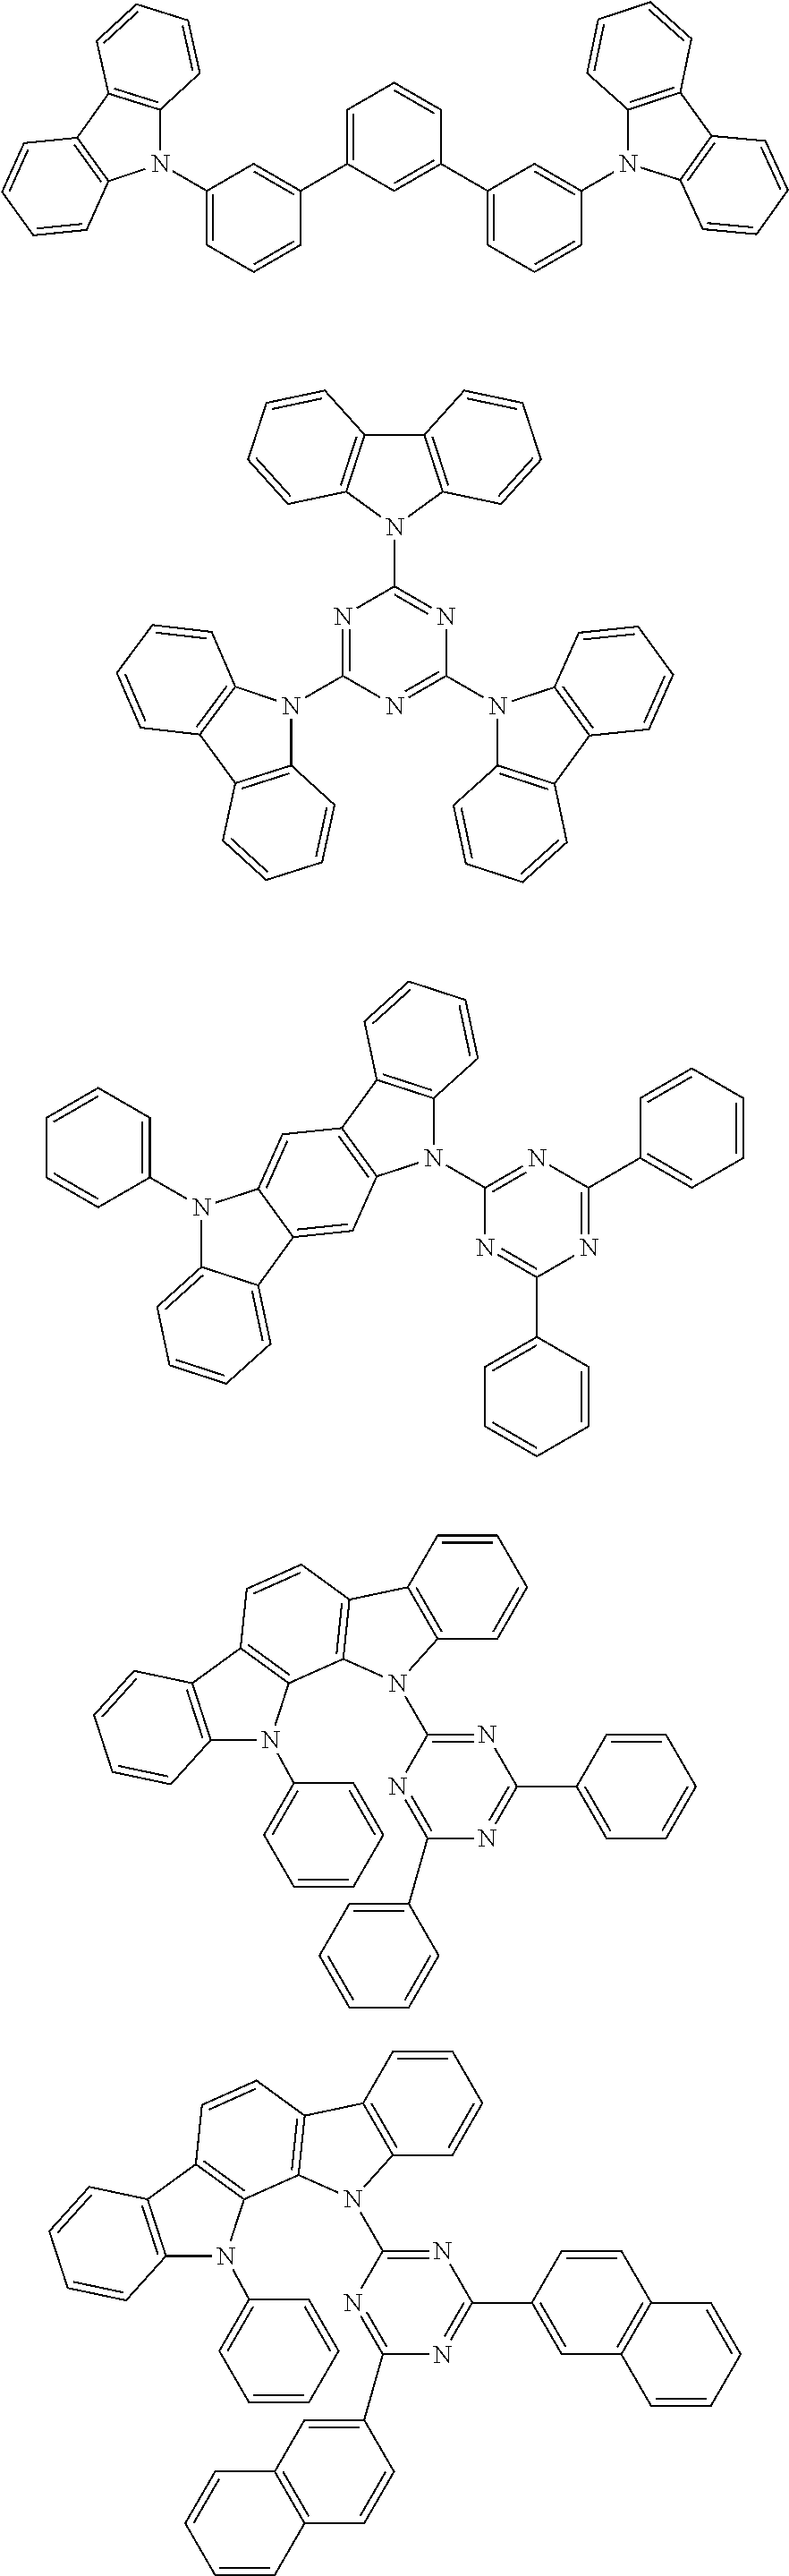 Figure US20150280139A1-20151001-C00125